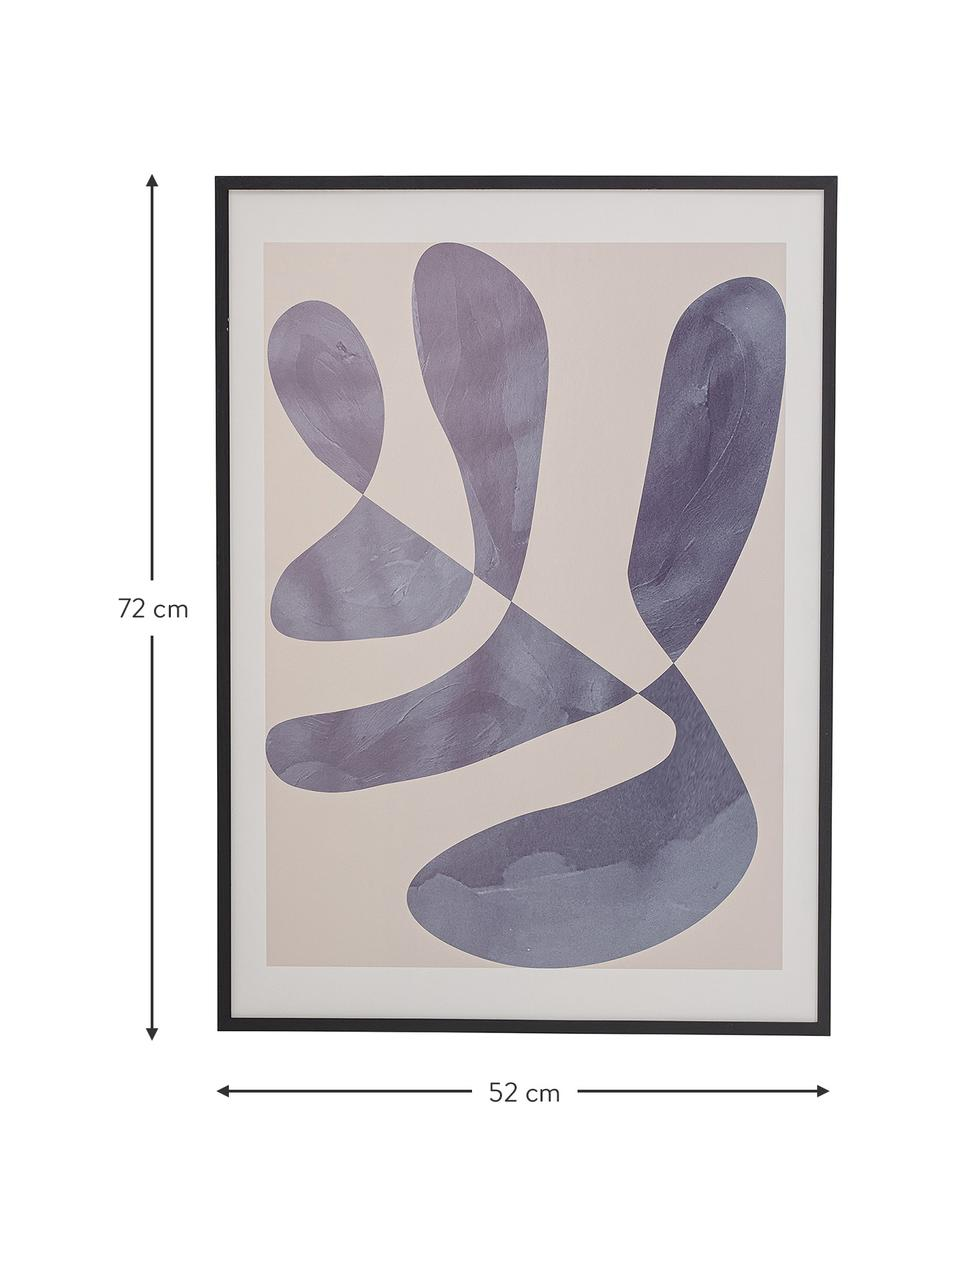 Gerahmter Digitaldruck Luane, Bild: Digitaldruck auf Papier, Rahmen: Holz, lackiert, Front: Plexiglas, Schwarz, 52 x 72 cm